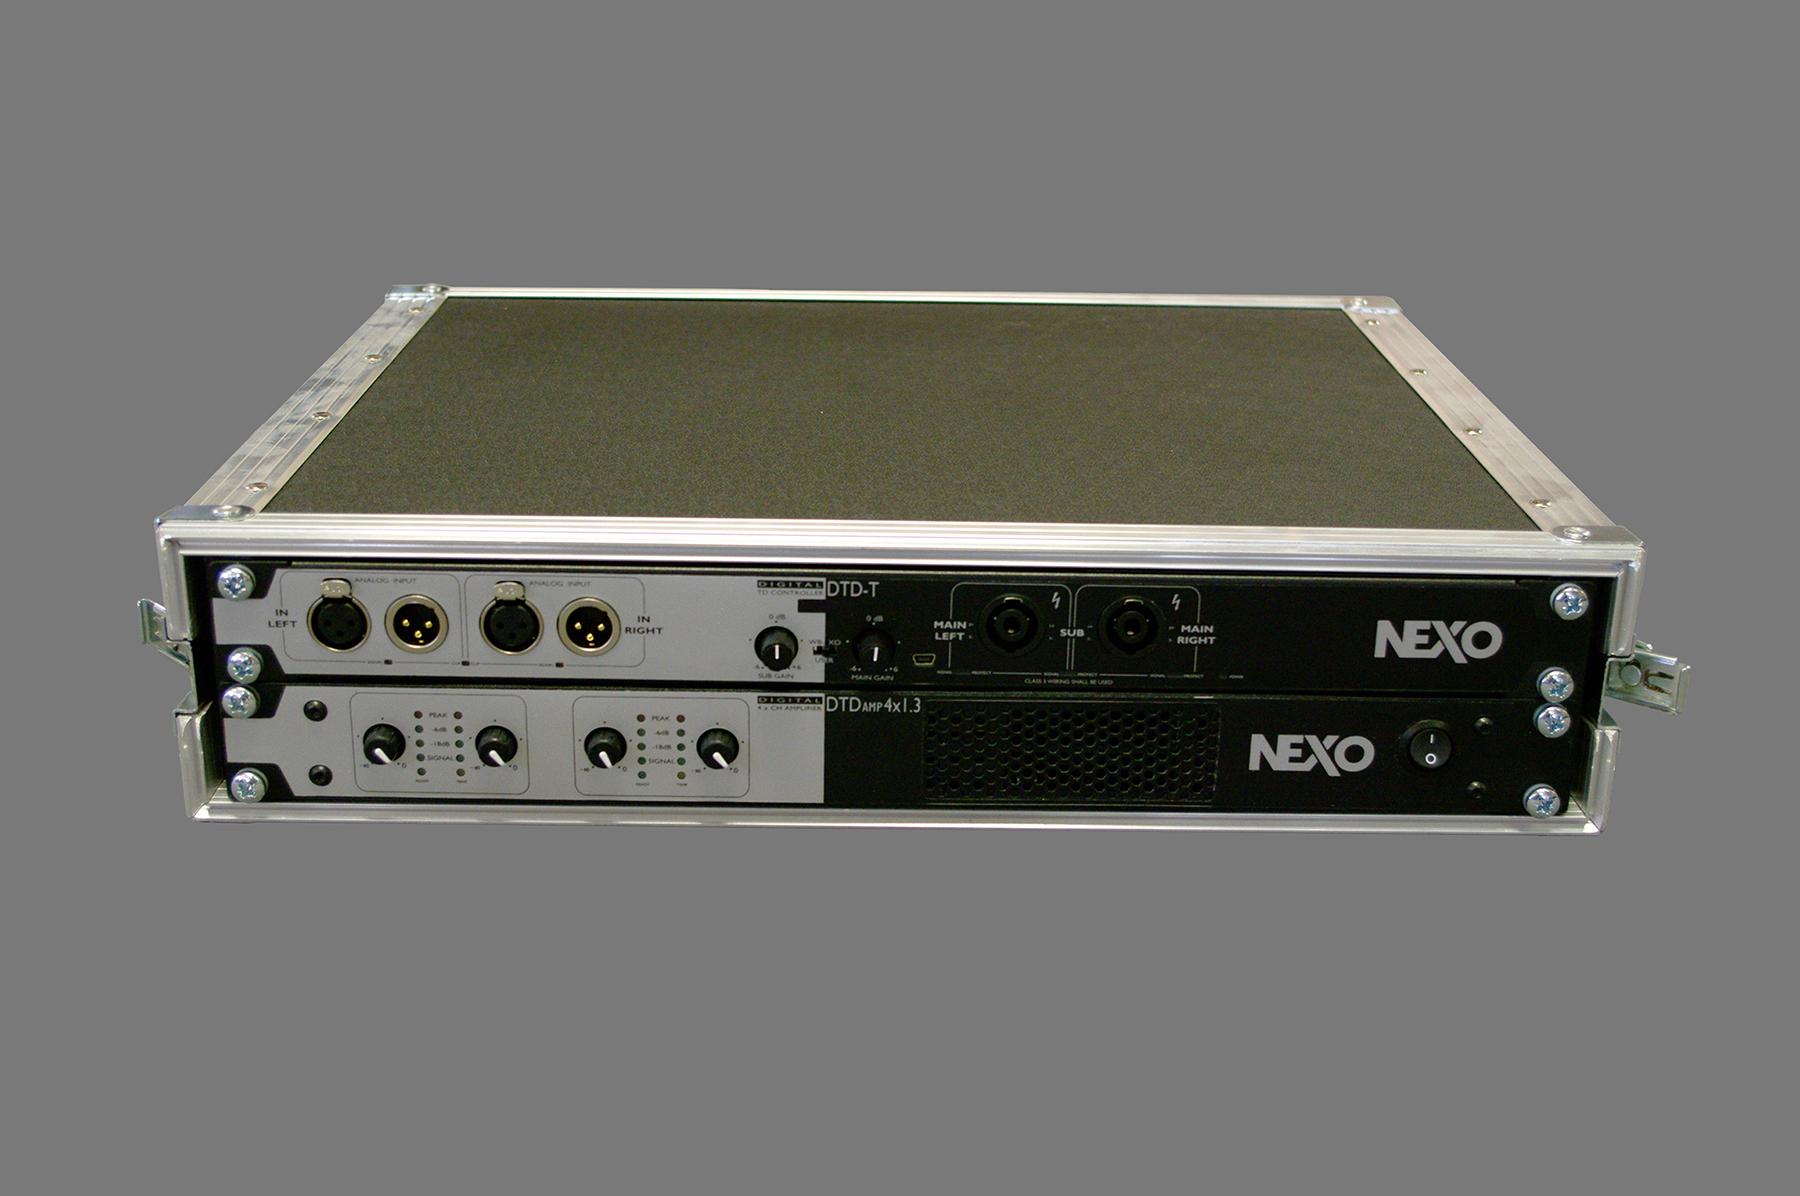 2U 400 Nexo RACK_03